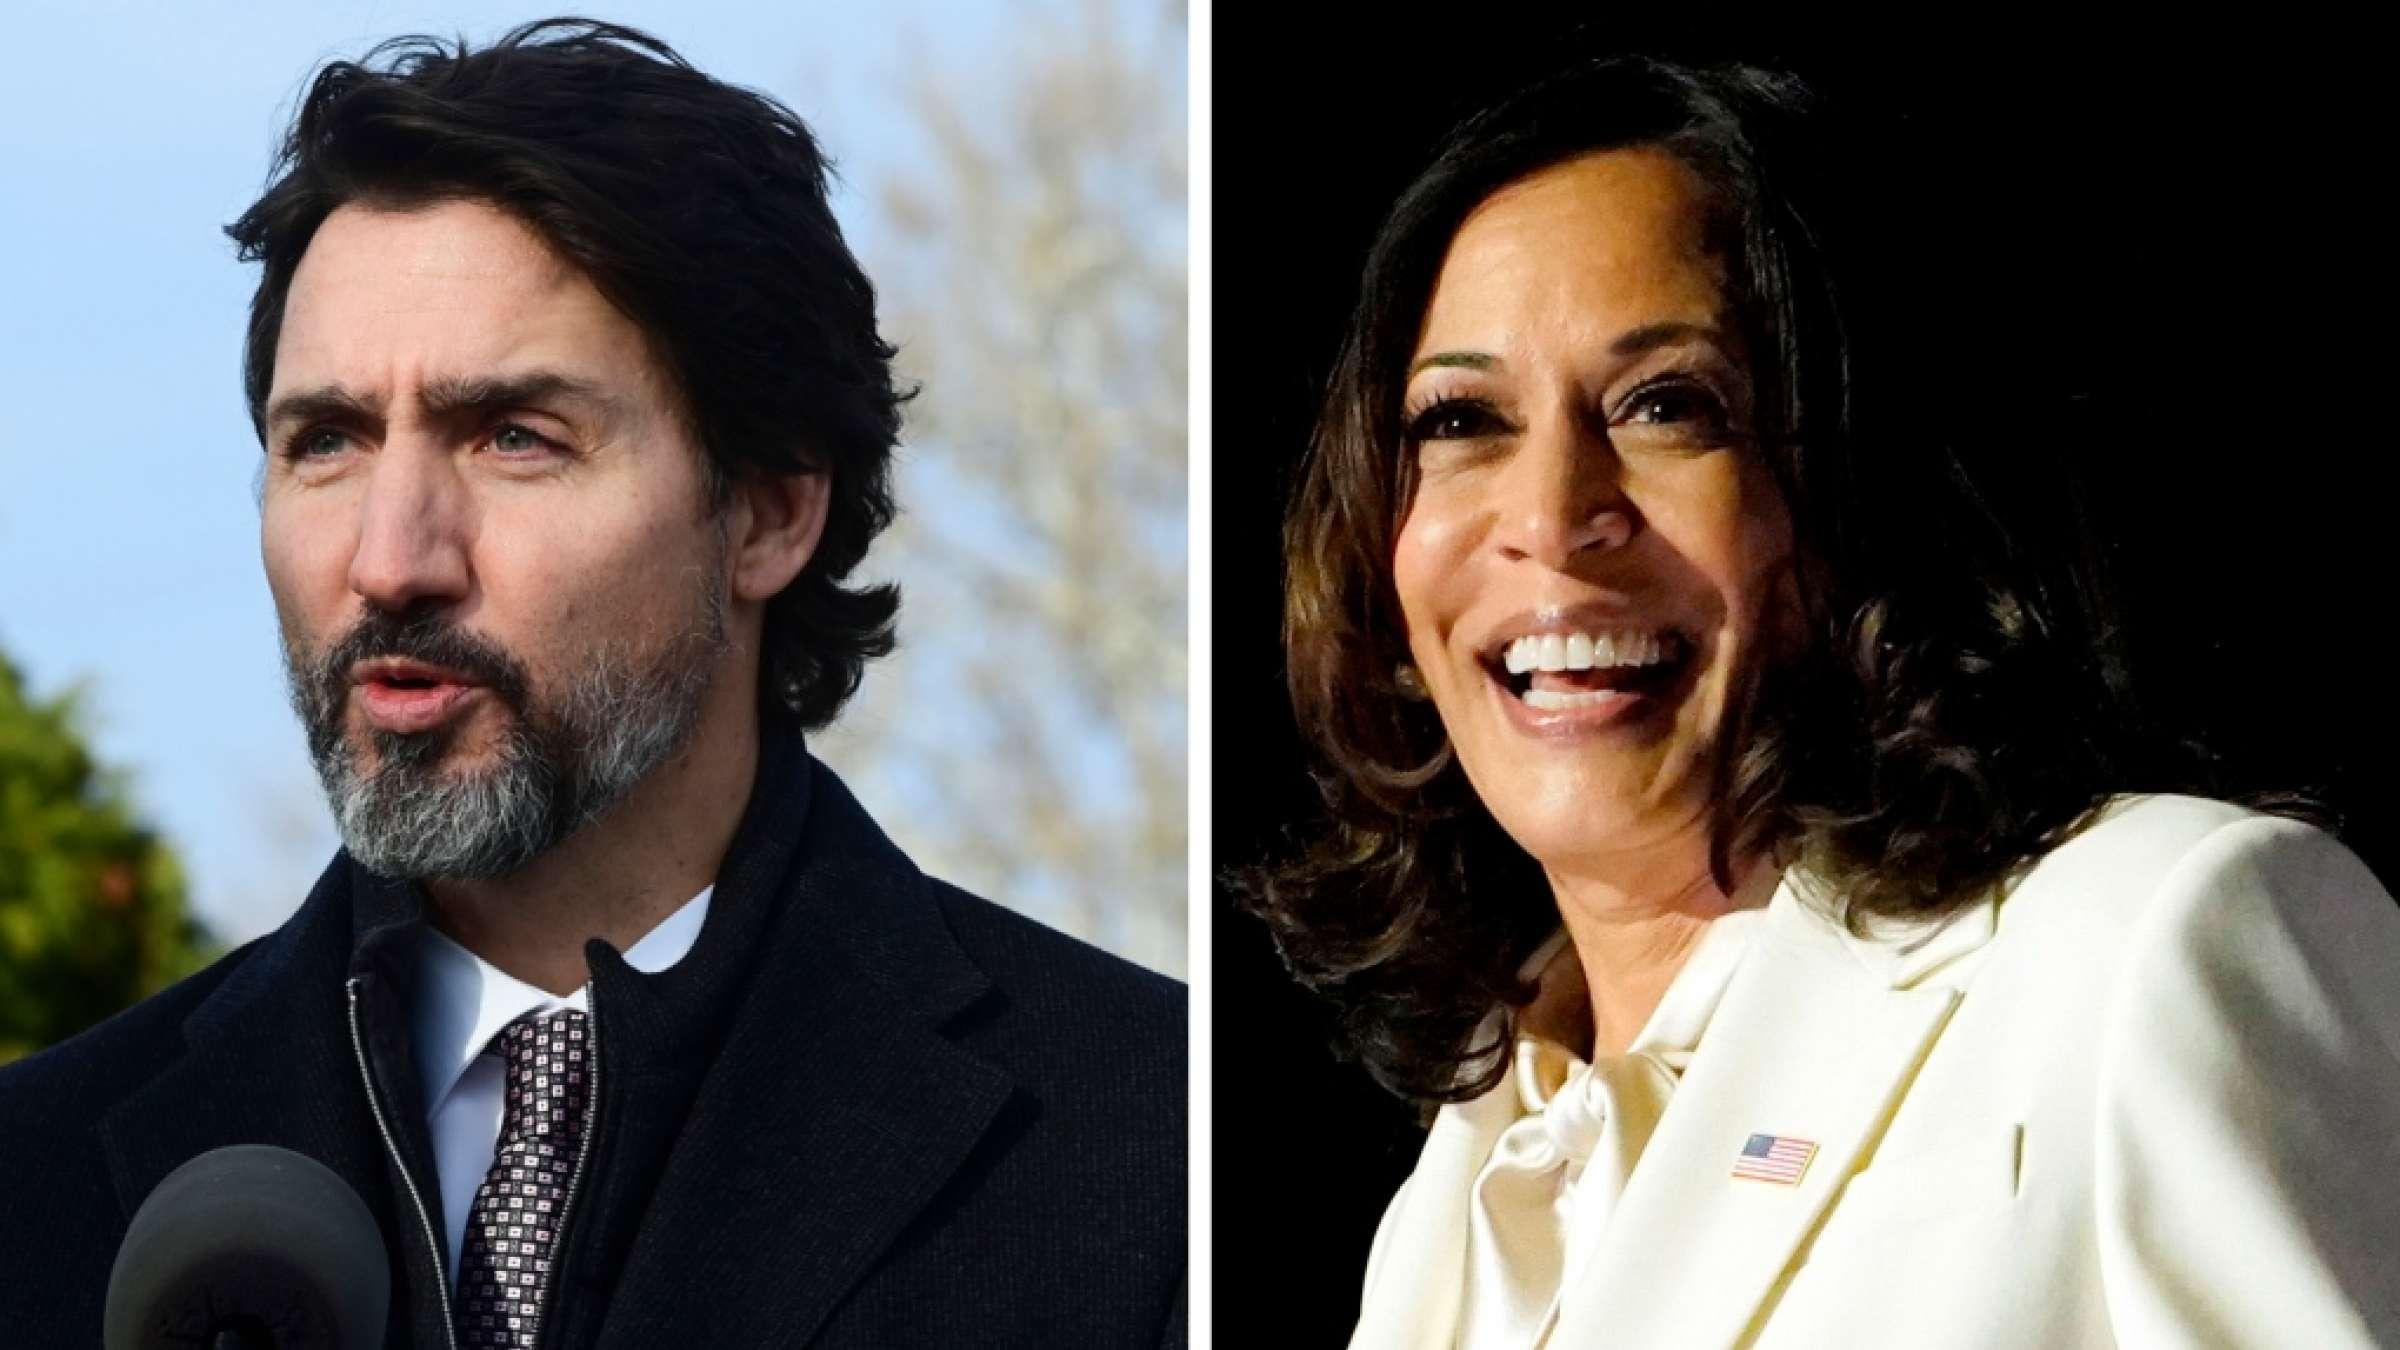 تماس-ترودو-با-کاخ-سفید-و-ابراز-نگرانی-درباره-سیاست-های-اقتصادی-جو-بایدن- علیه-کانادا